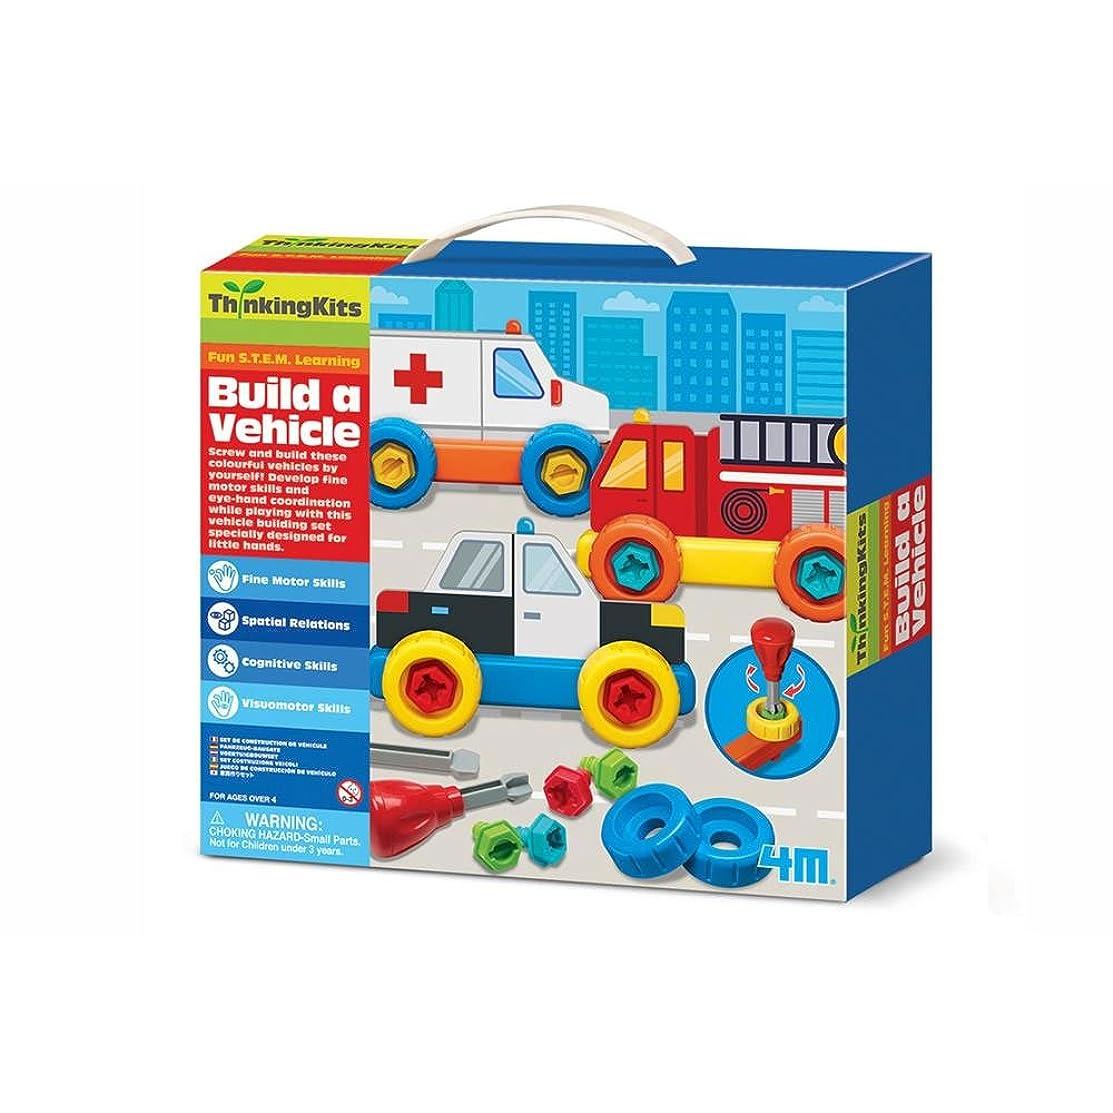 不名誉マグ識別4M フォーエム 子供 おもちゃ 知育 シンキングキット ビルドビークル 5歳~【FM04694】